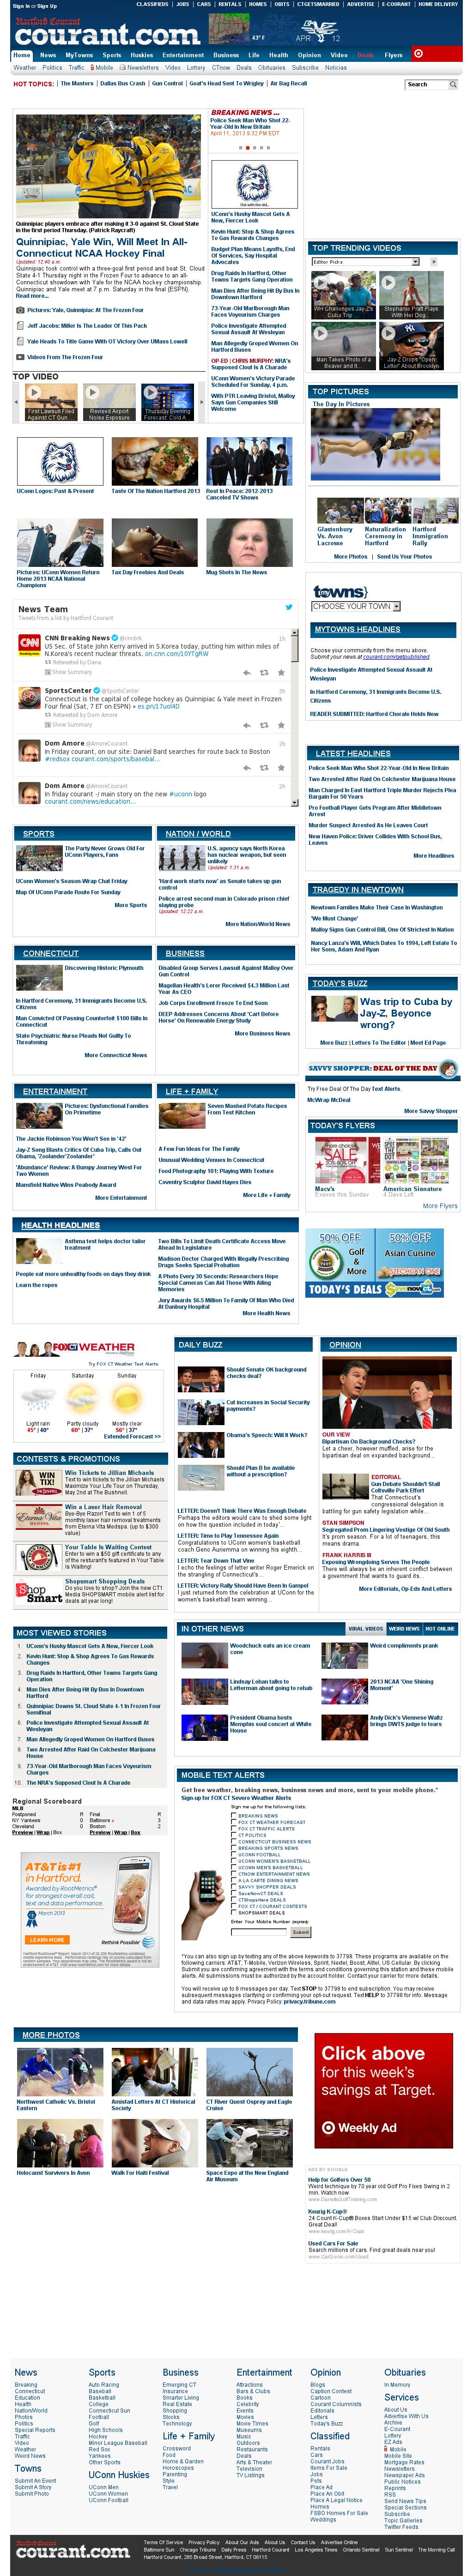 Hartford Courant at Friday April 12, 2013, 7:12 a.m. UTC